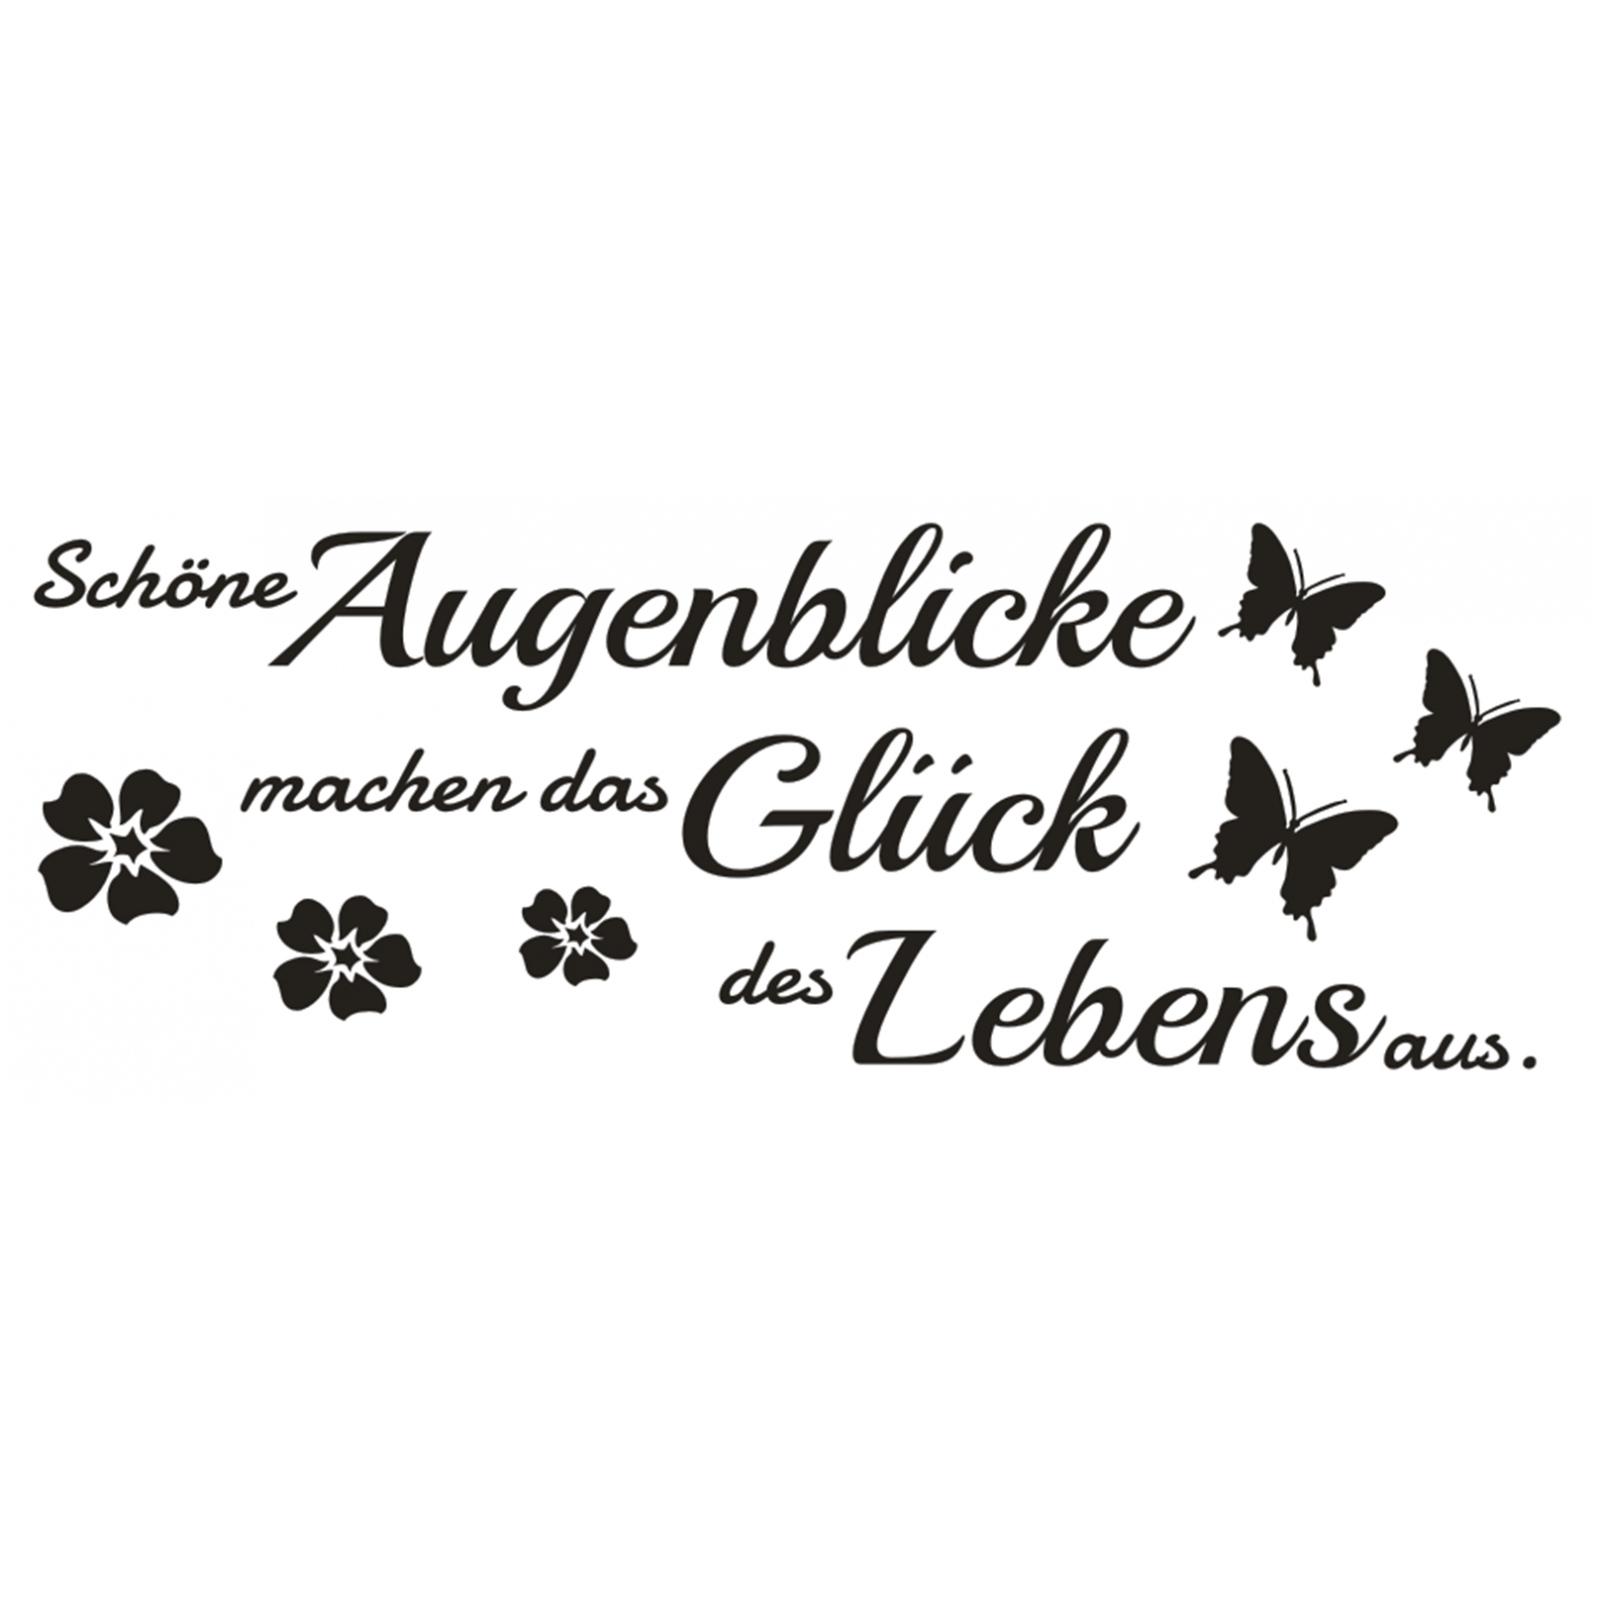 Inspiring Sprüche über Das Glück Photo Of Wandtattoo-spruch-schoene-augenblicke-das-glueck-leben-wandaufkleber-